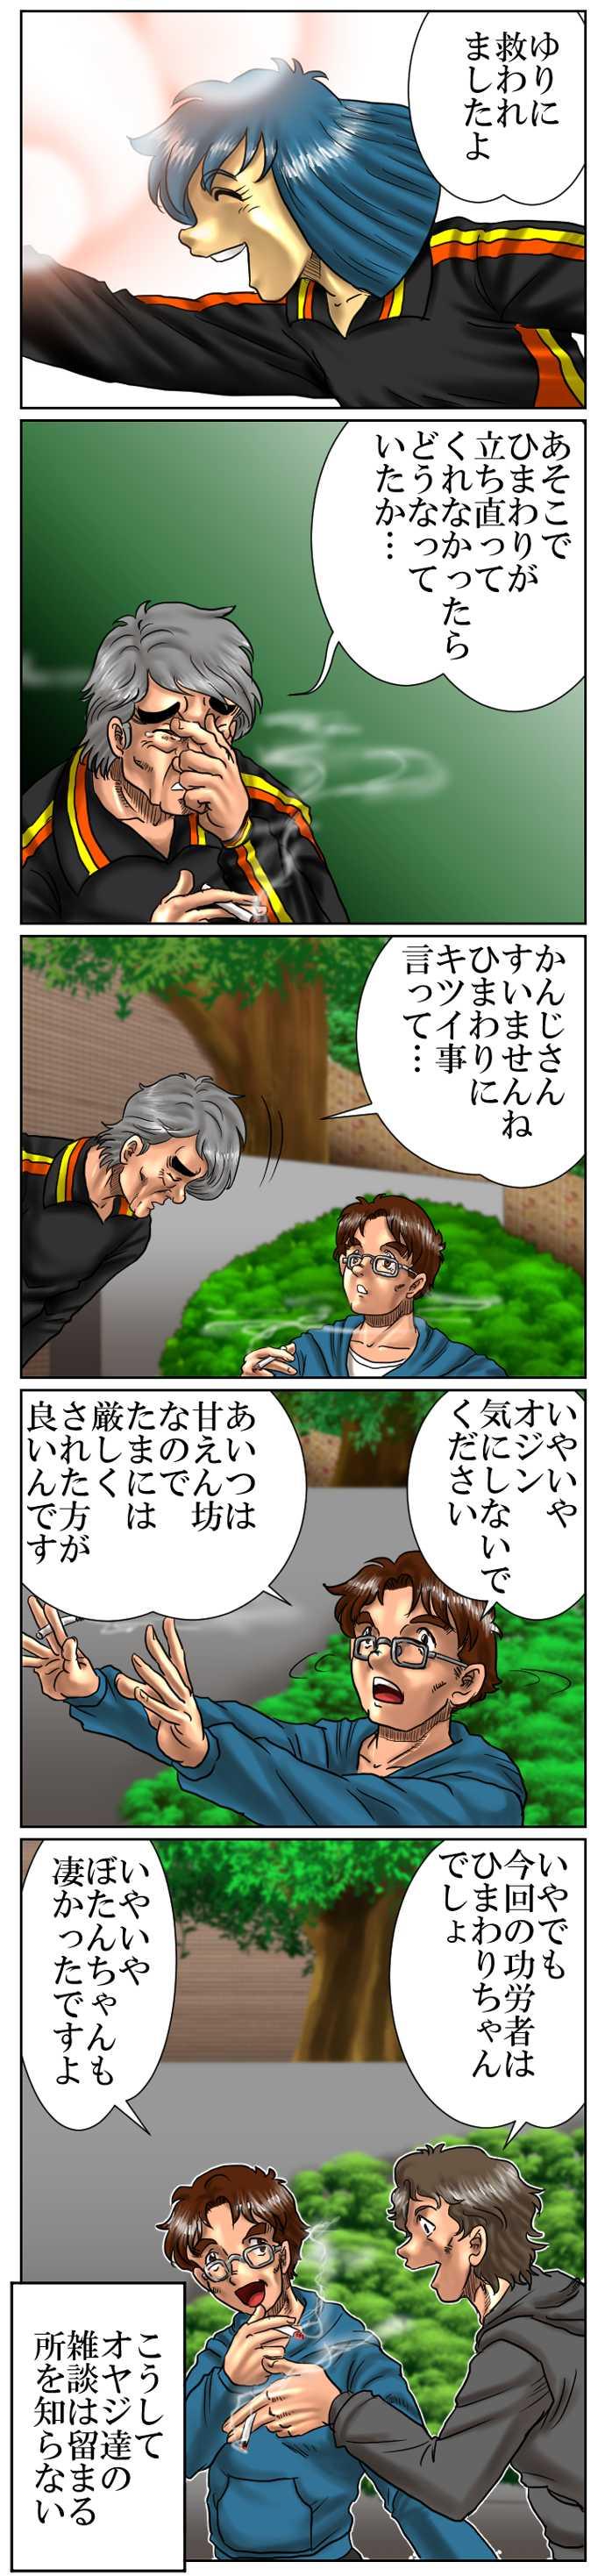 第15話 オジンの思惑